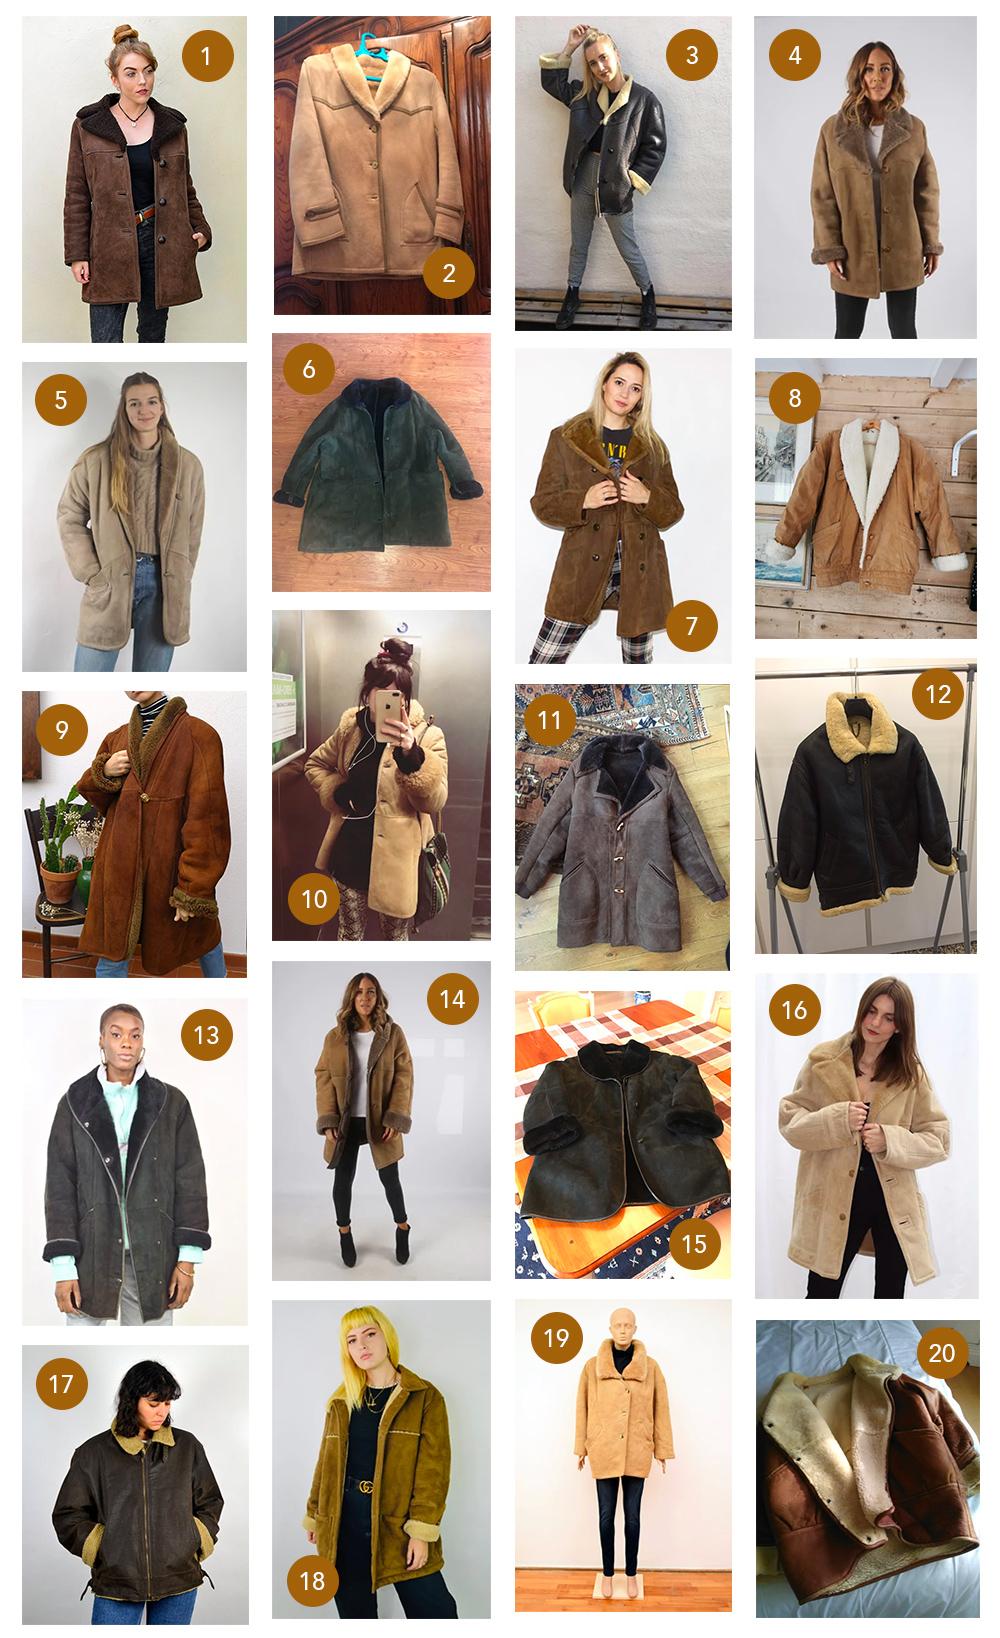 manteaux-veste-retournee-vintage-secondemain